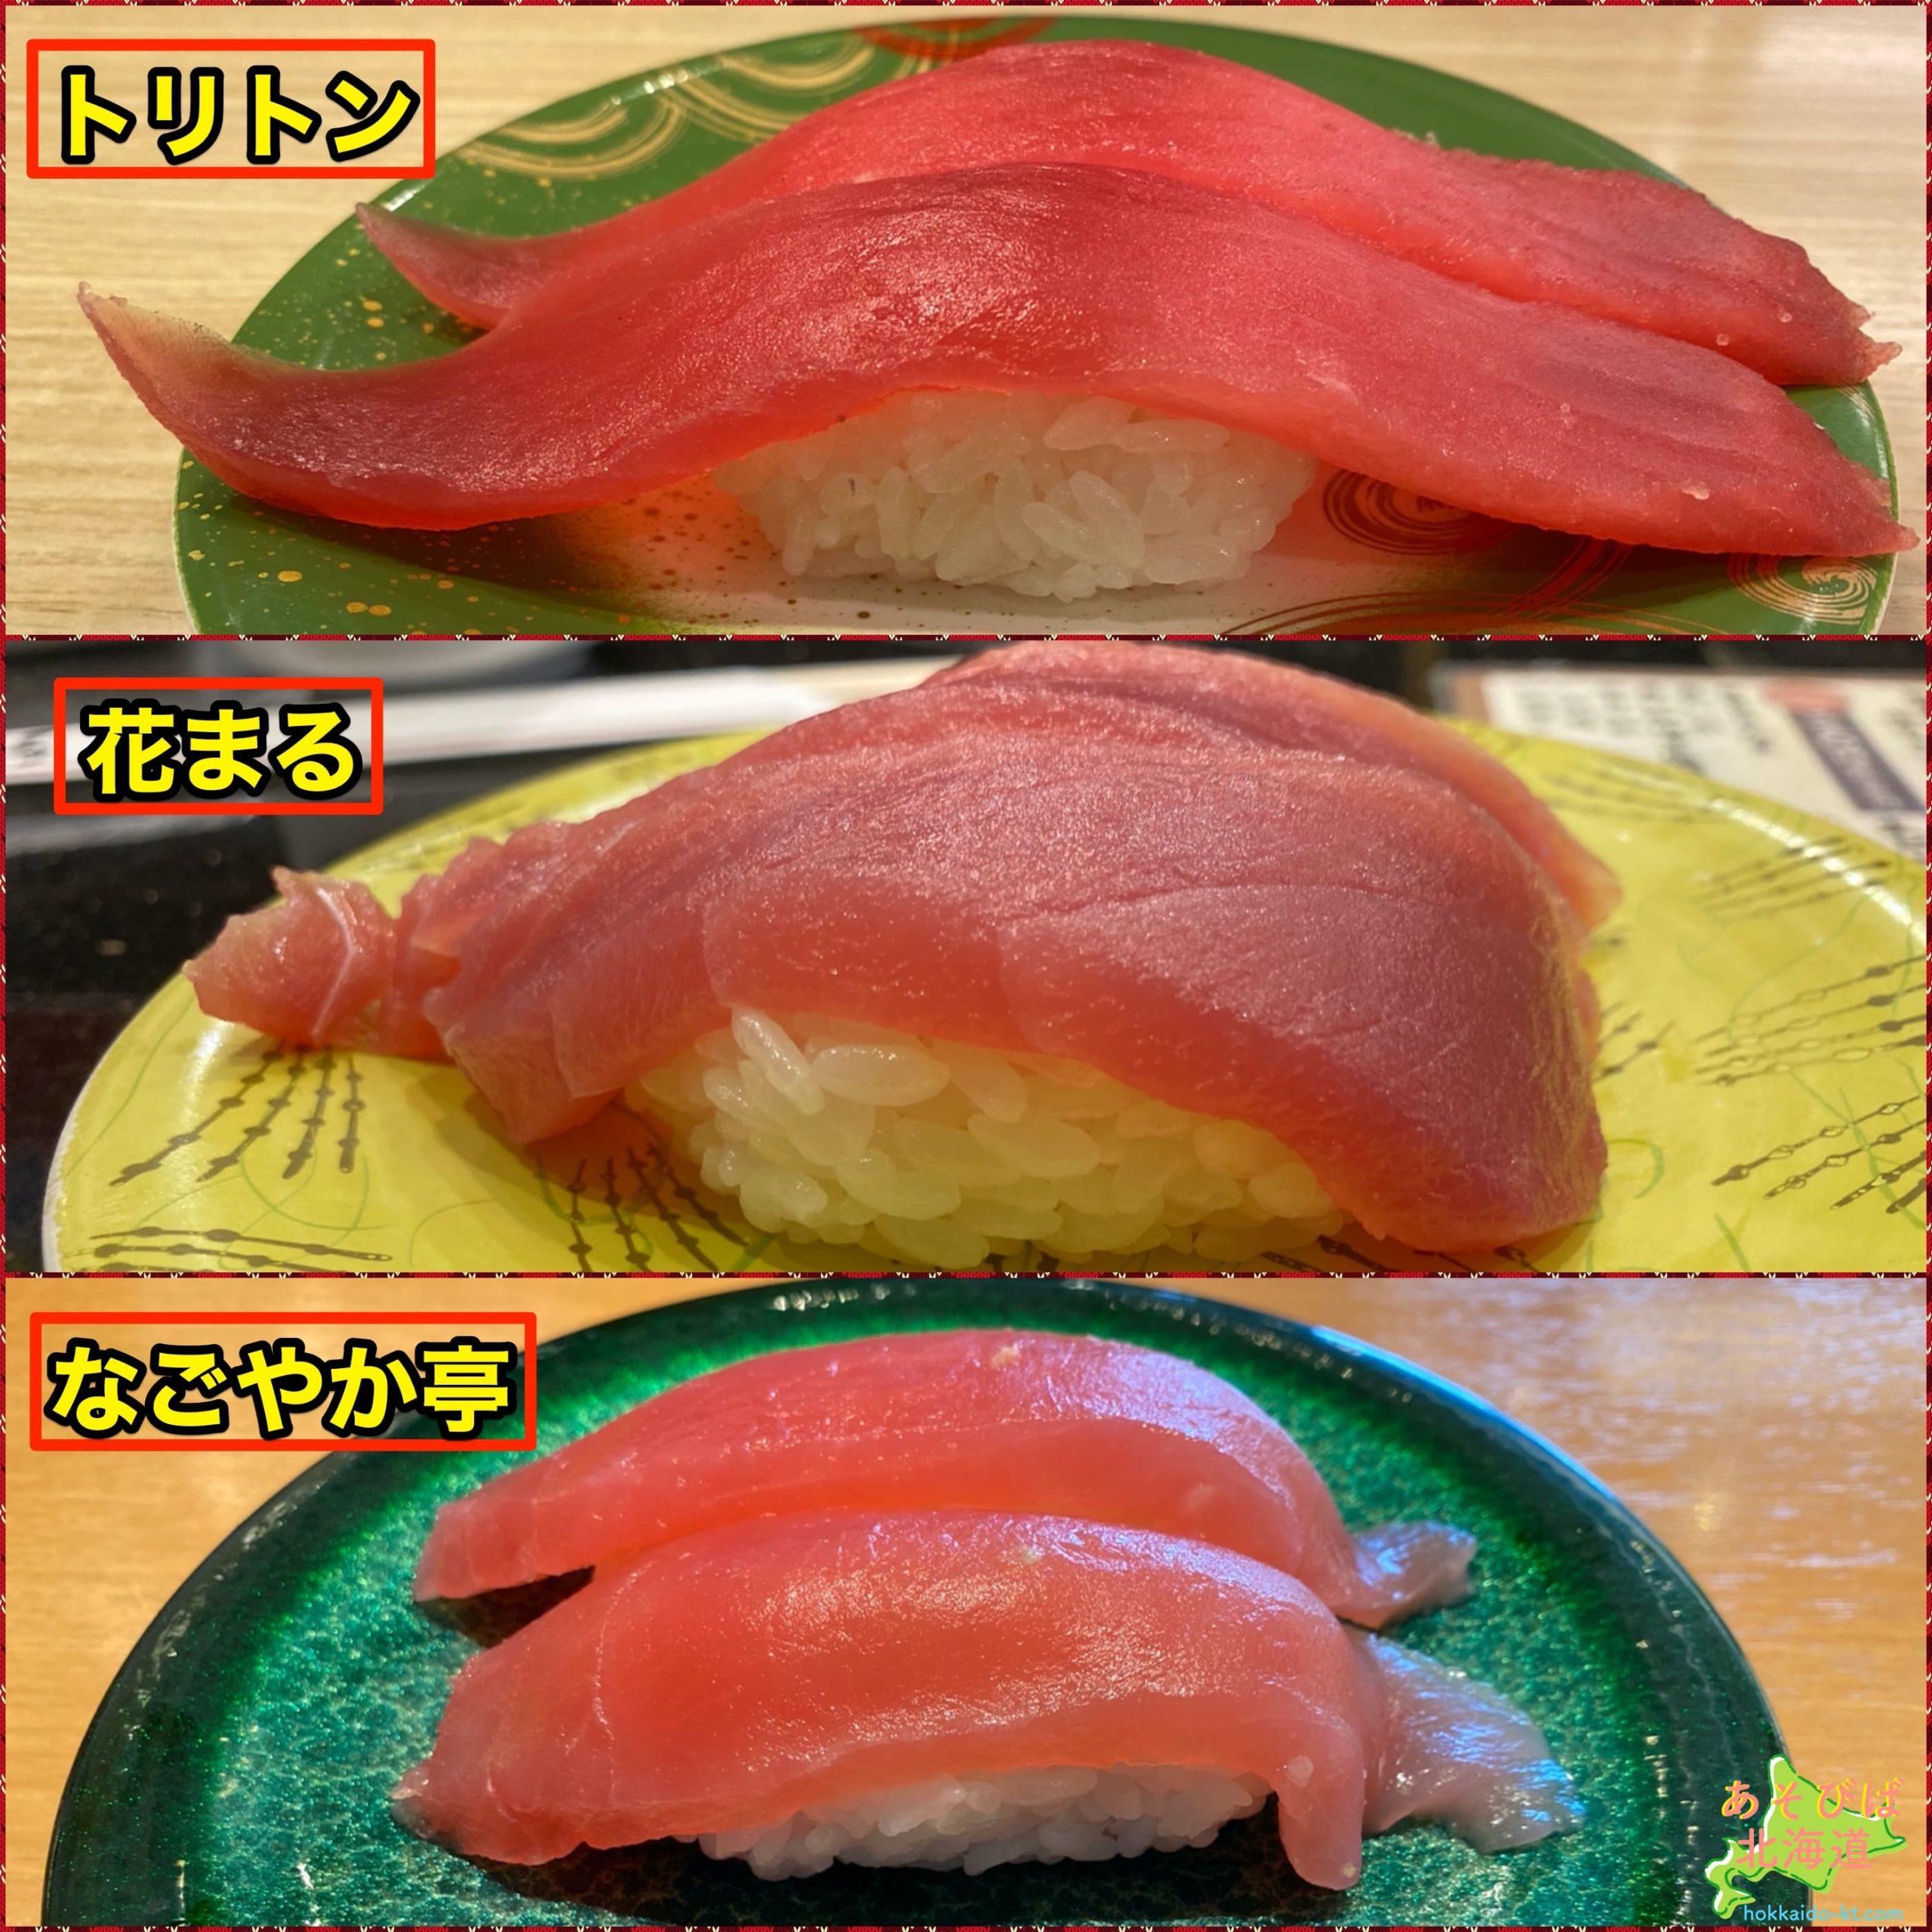 札幌の回転寿司マグロを比較